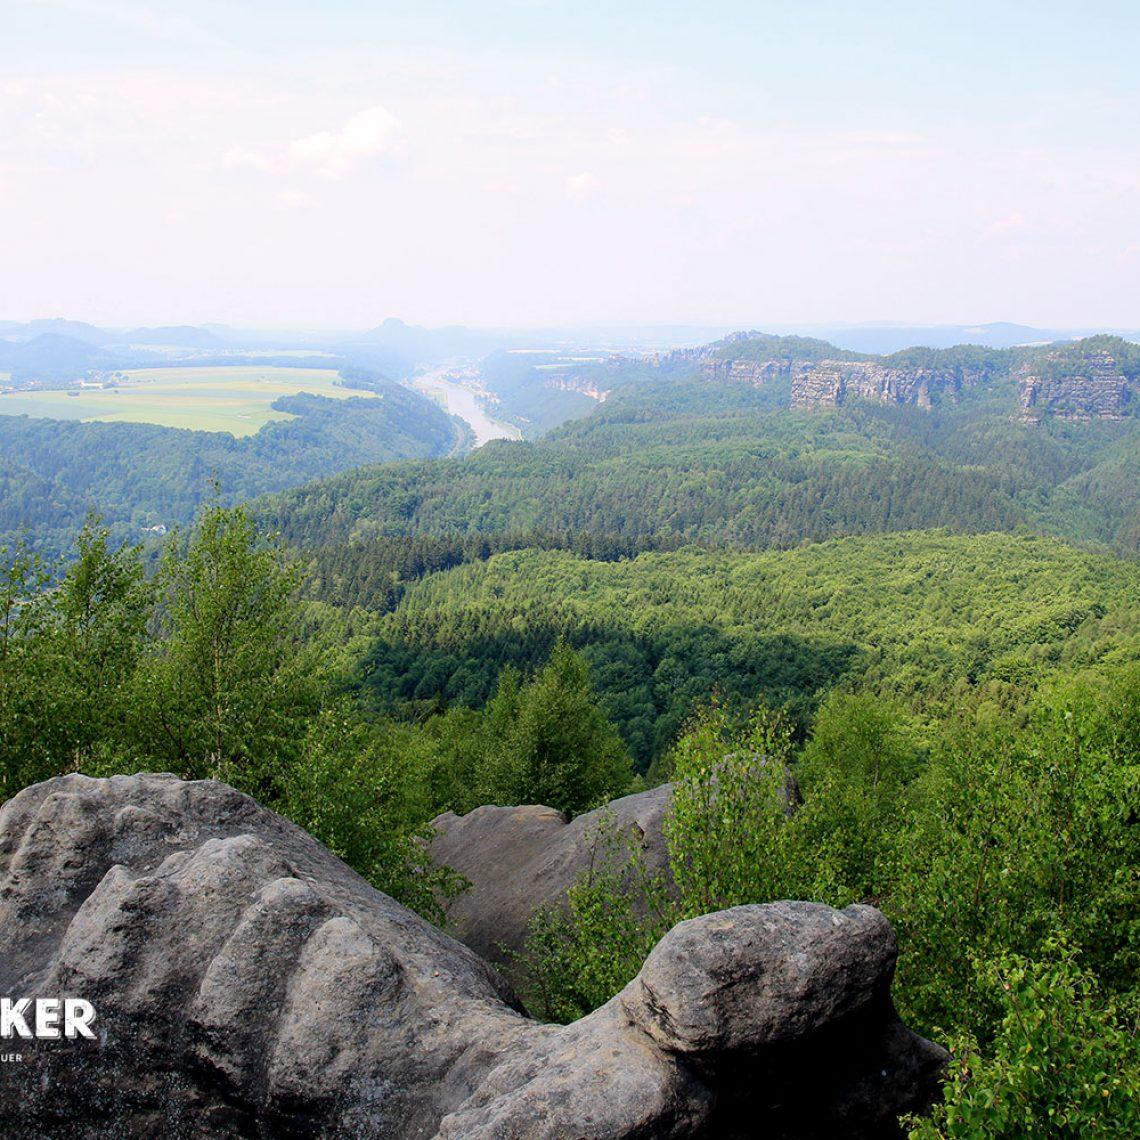 Blick von der Kipphornaussicht kurz vor dem Gipfel des Großen Winterberg